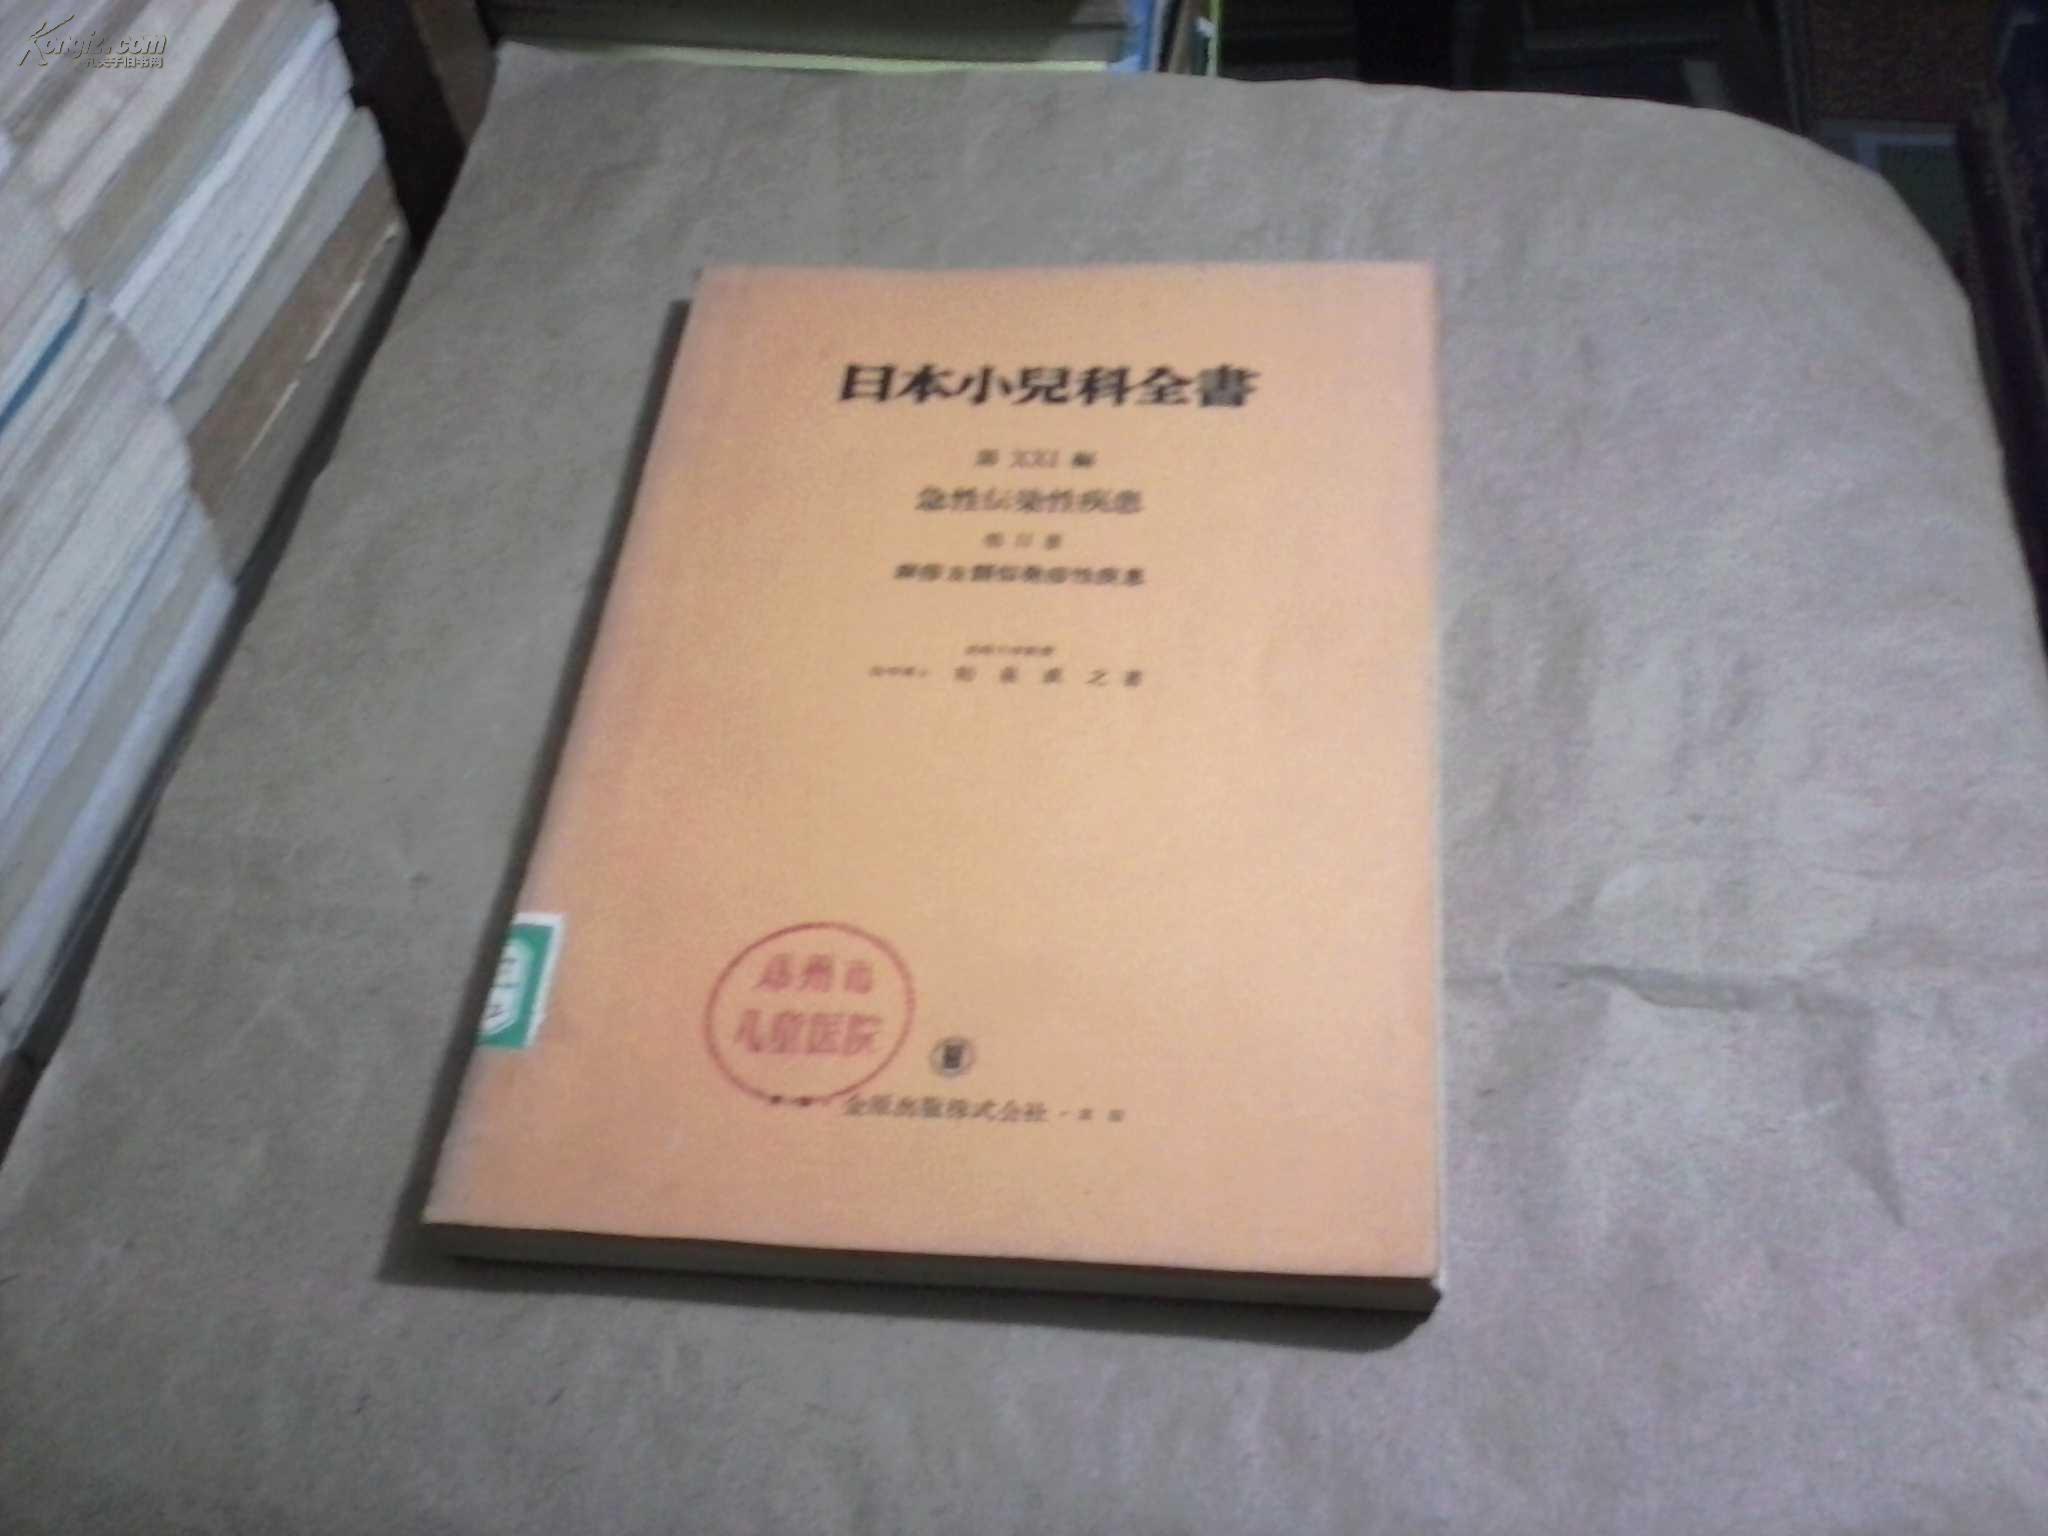 疹_日本小儿科全书(第xxi编)急性传染性疾患(第ii册)麻疹